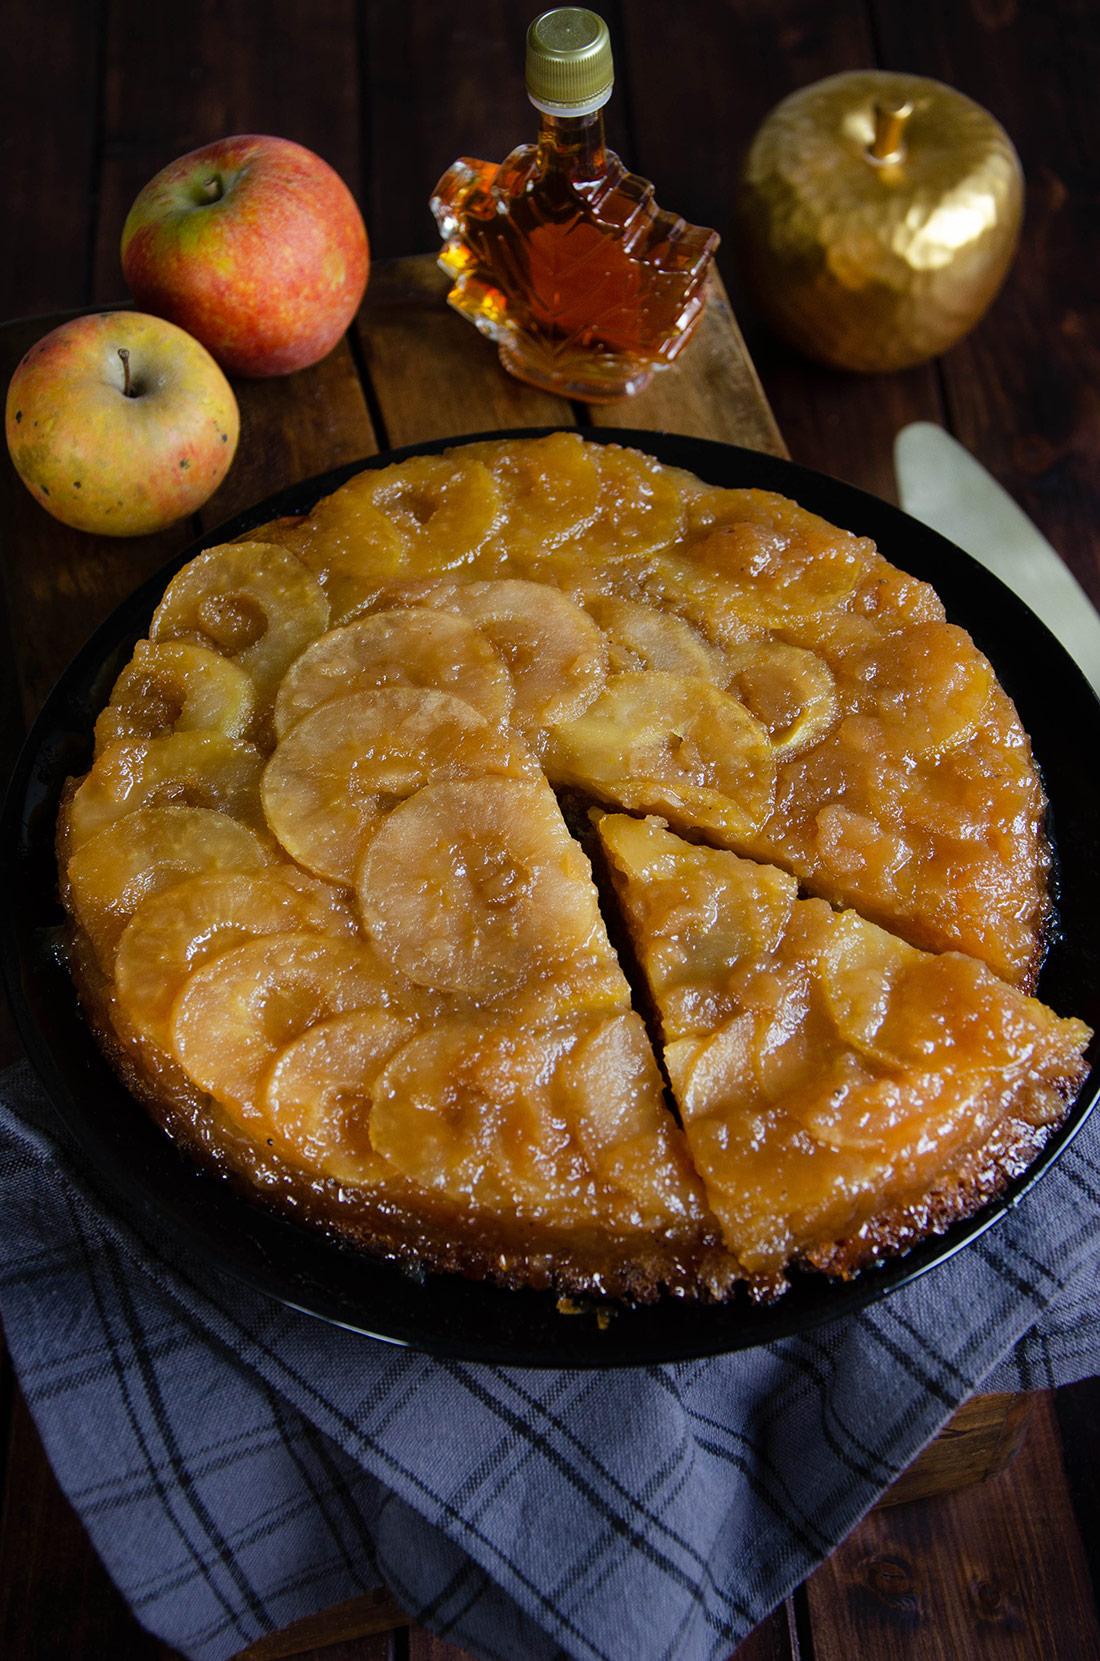 Recette de gâteau renversé pommes érable, un délicieux dessert ultra savoureux